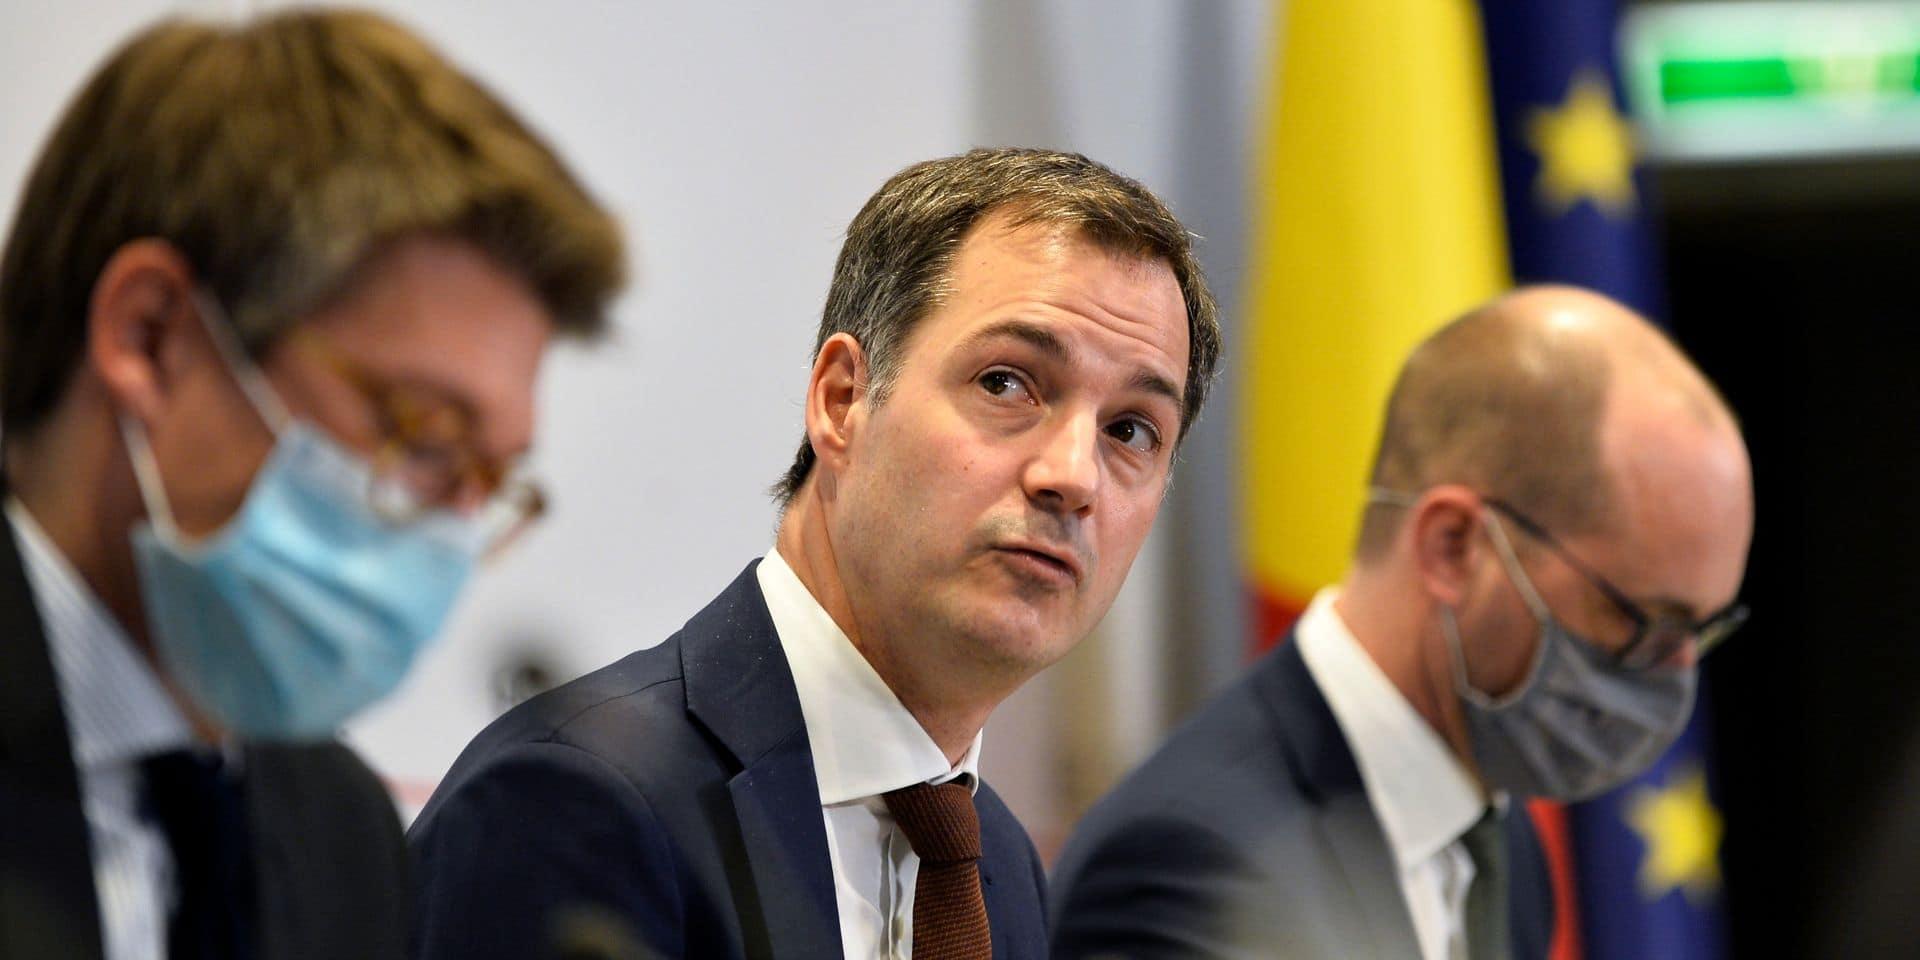 """Alexander De Croo sur les vaccins contre le coronavirus: """"La Belgique va jouer un rôle important"""""""